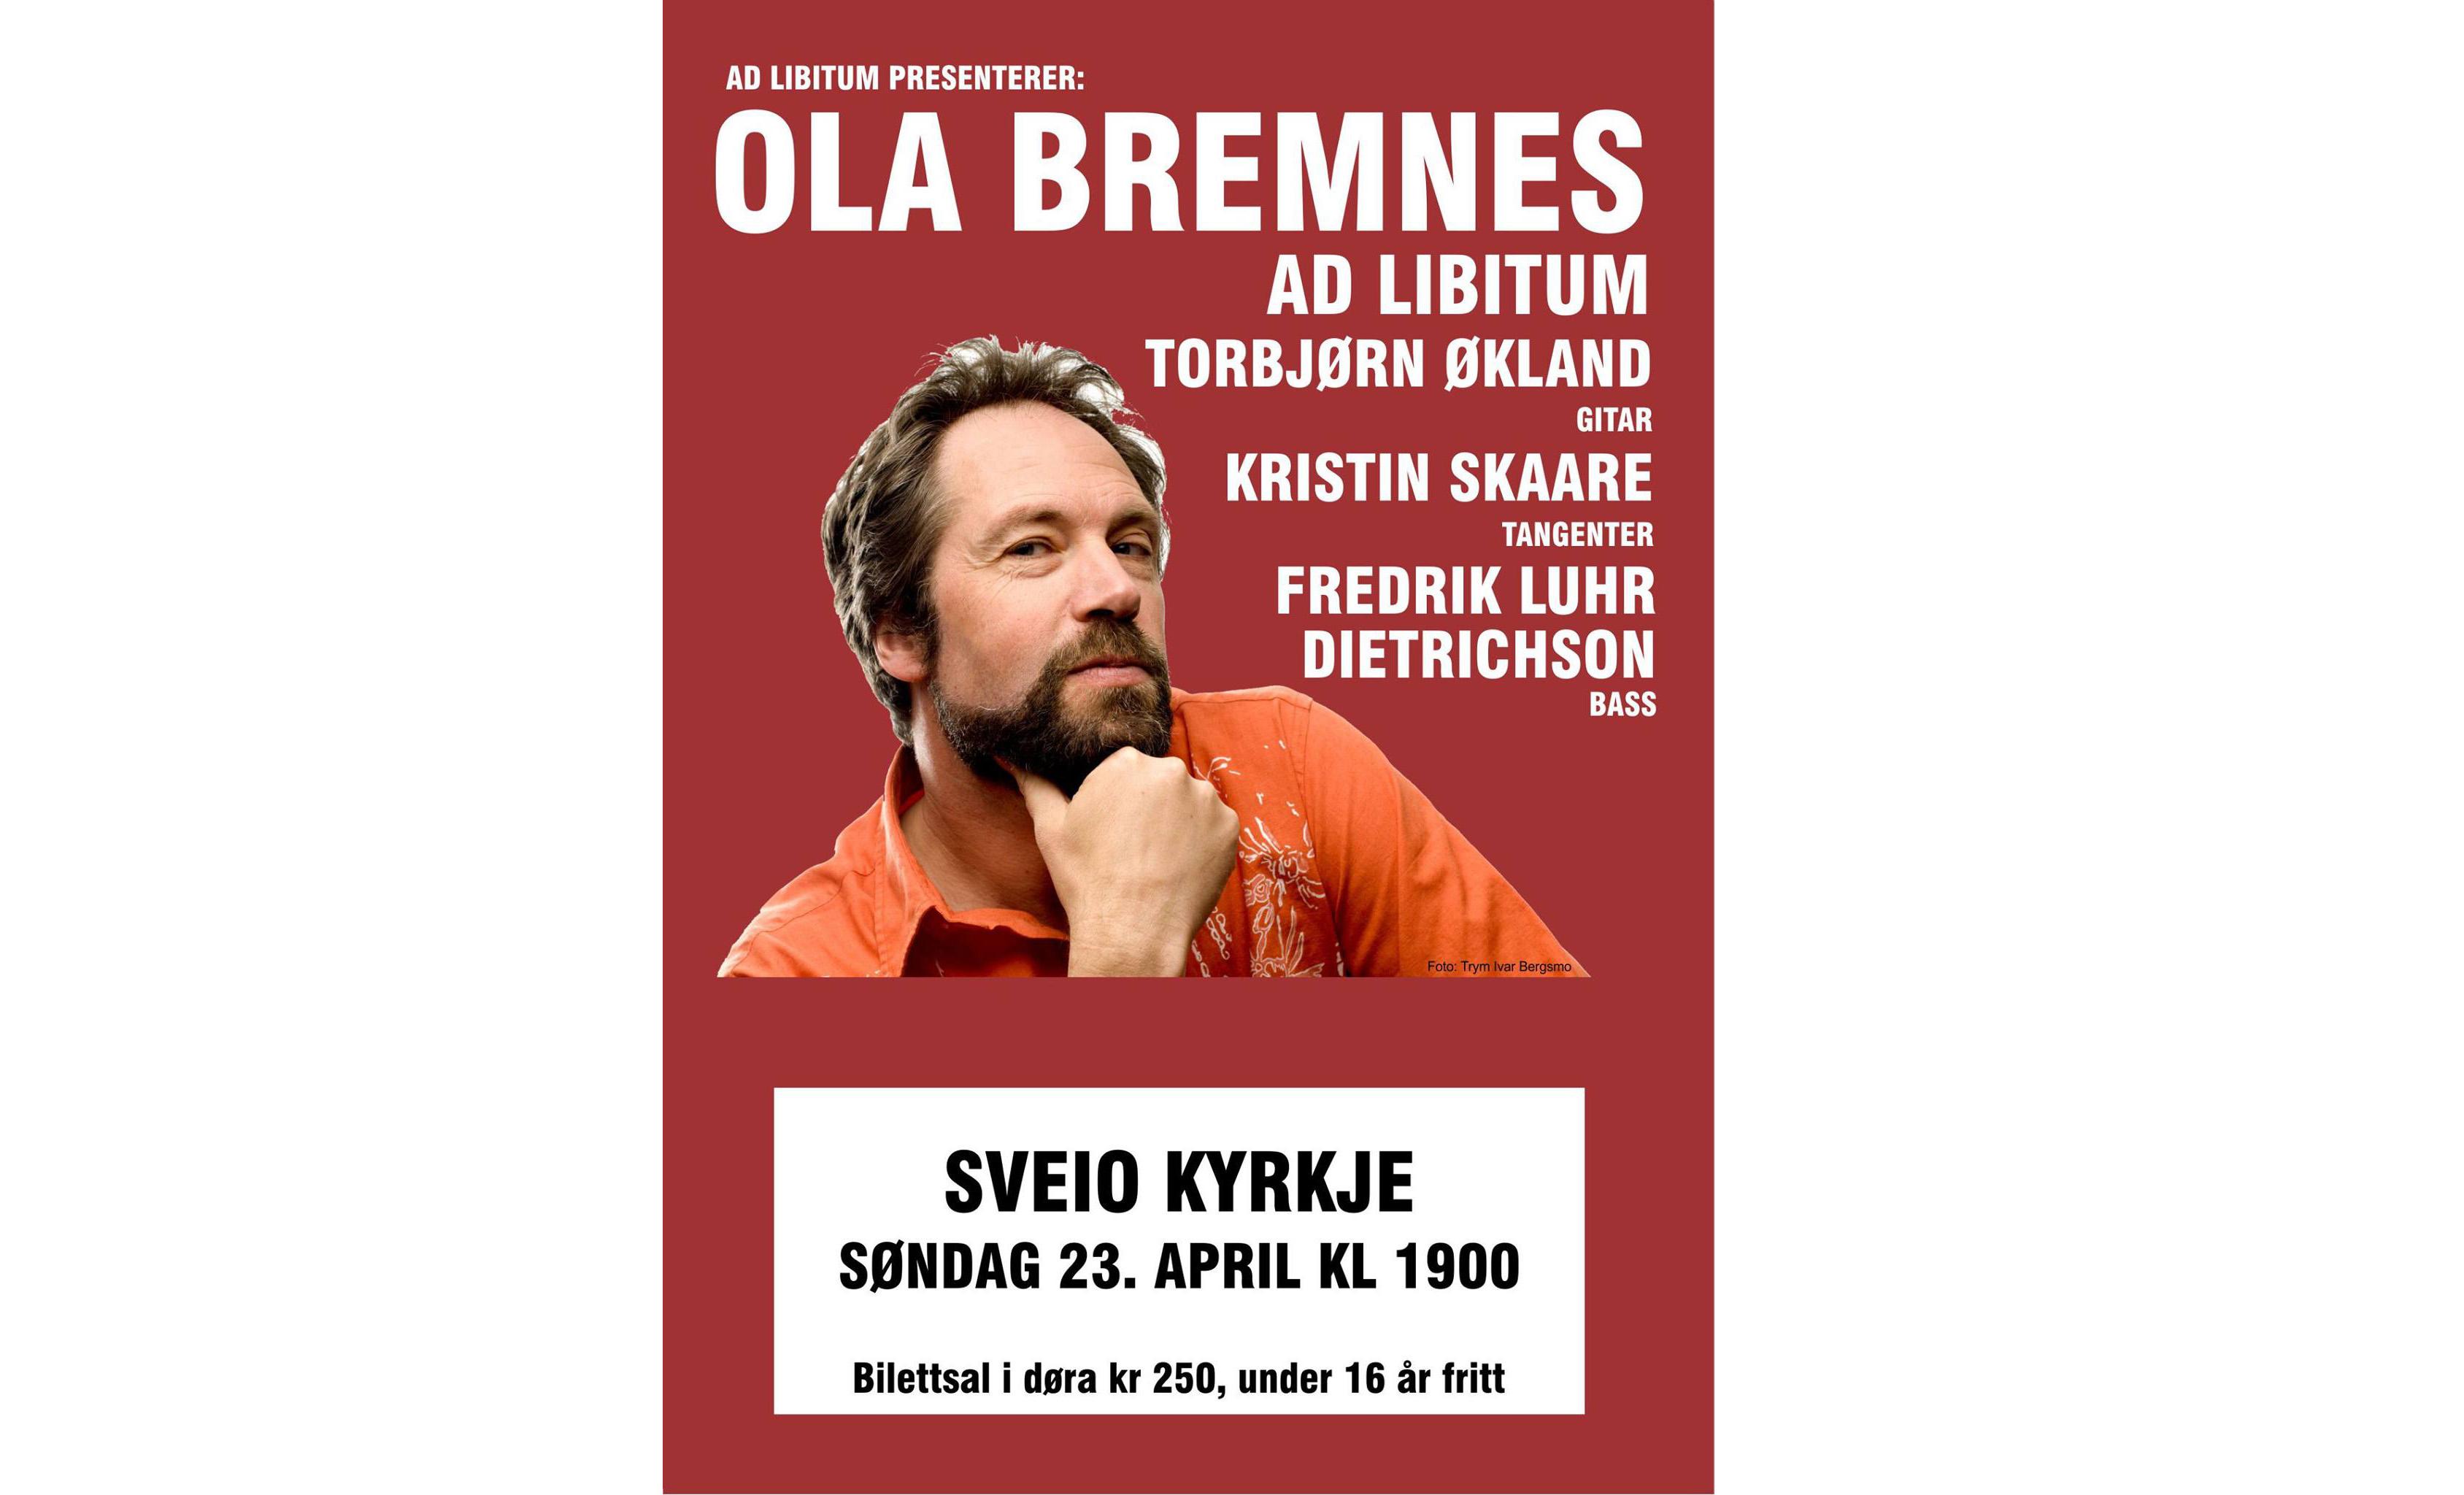 Ola Bremnes og Ad Libitium